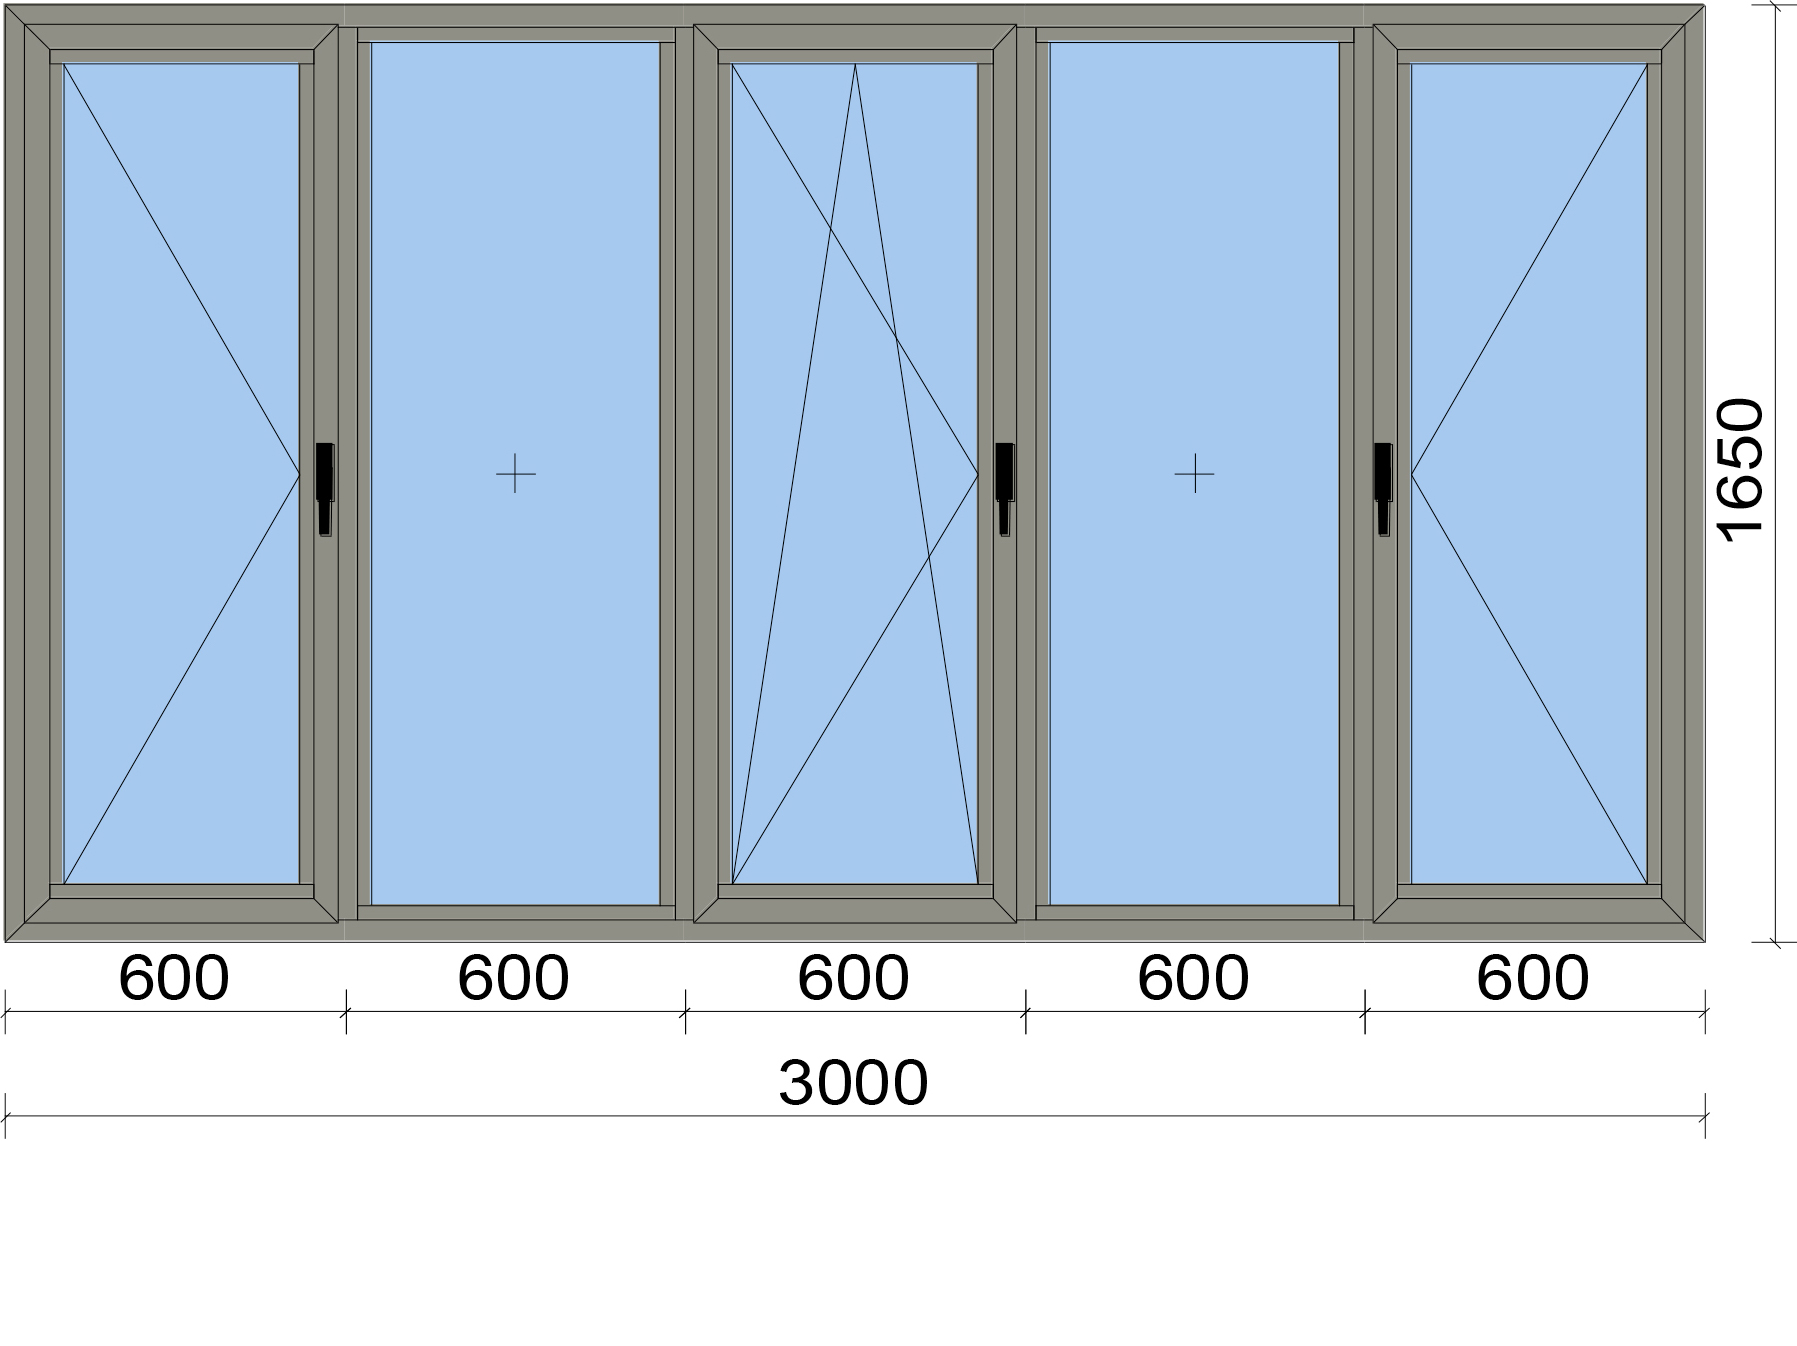 Прозорец от пет части с три отваряеми крила, едното, от които двуосово